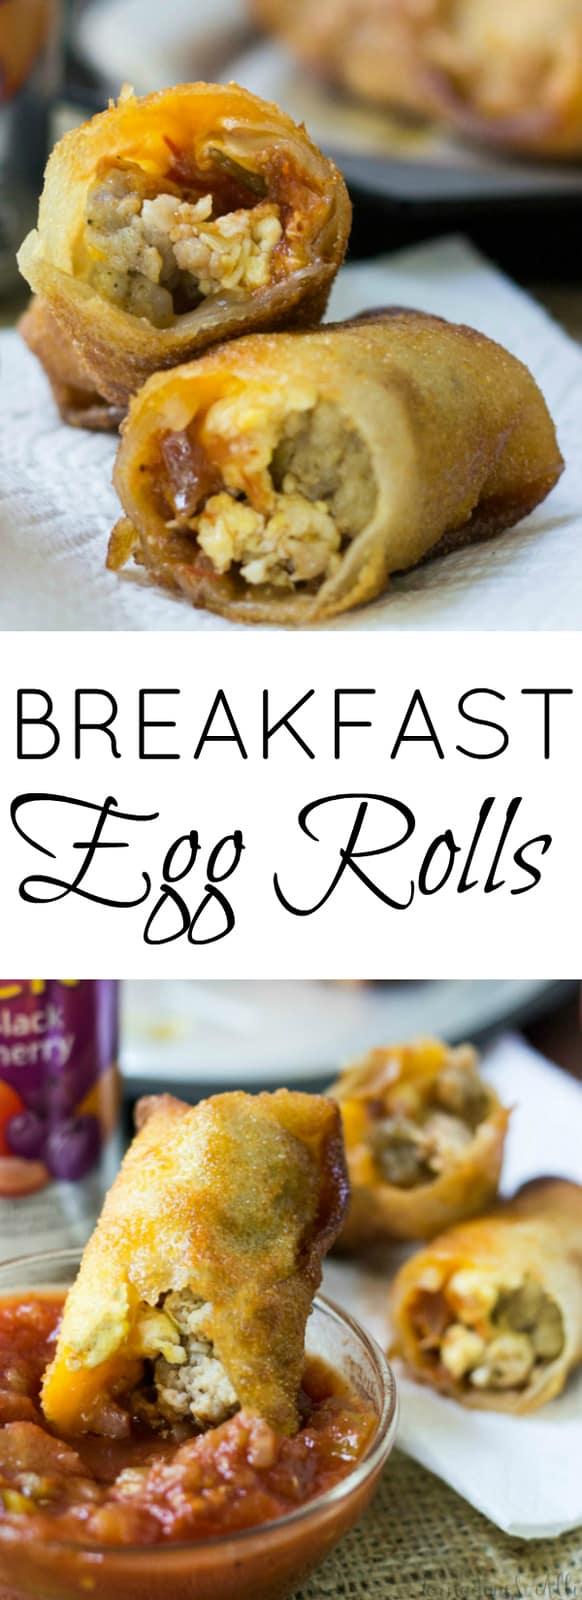 Breakfast Egg Roll Pinterest